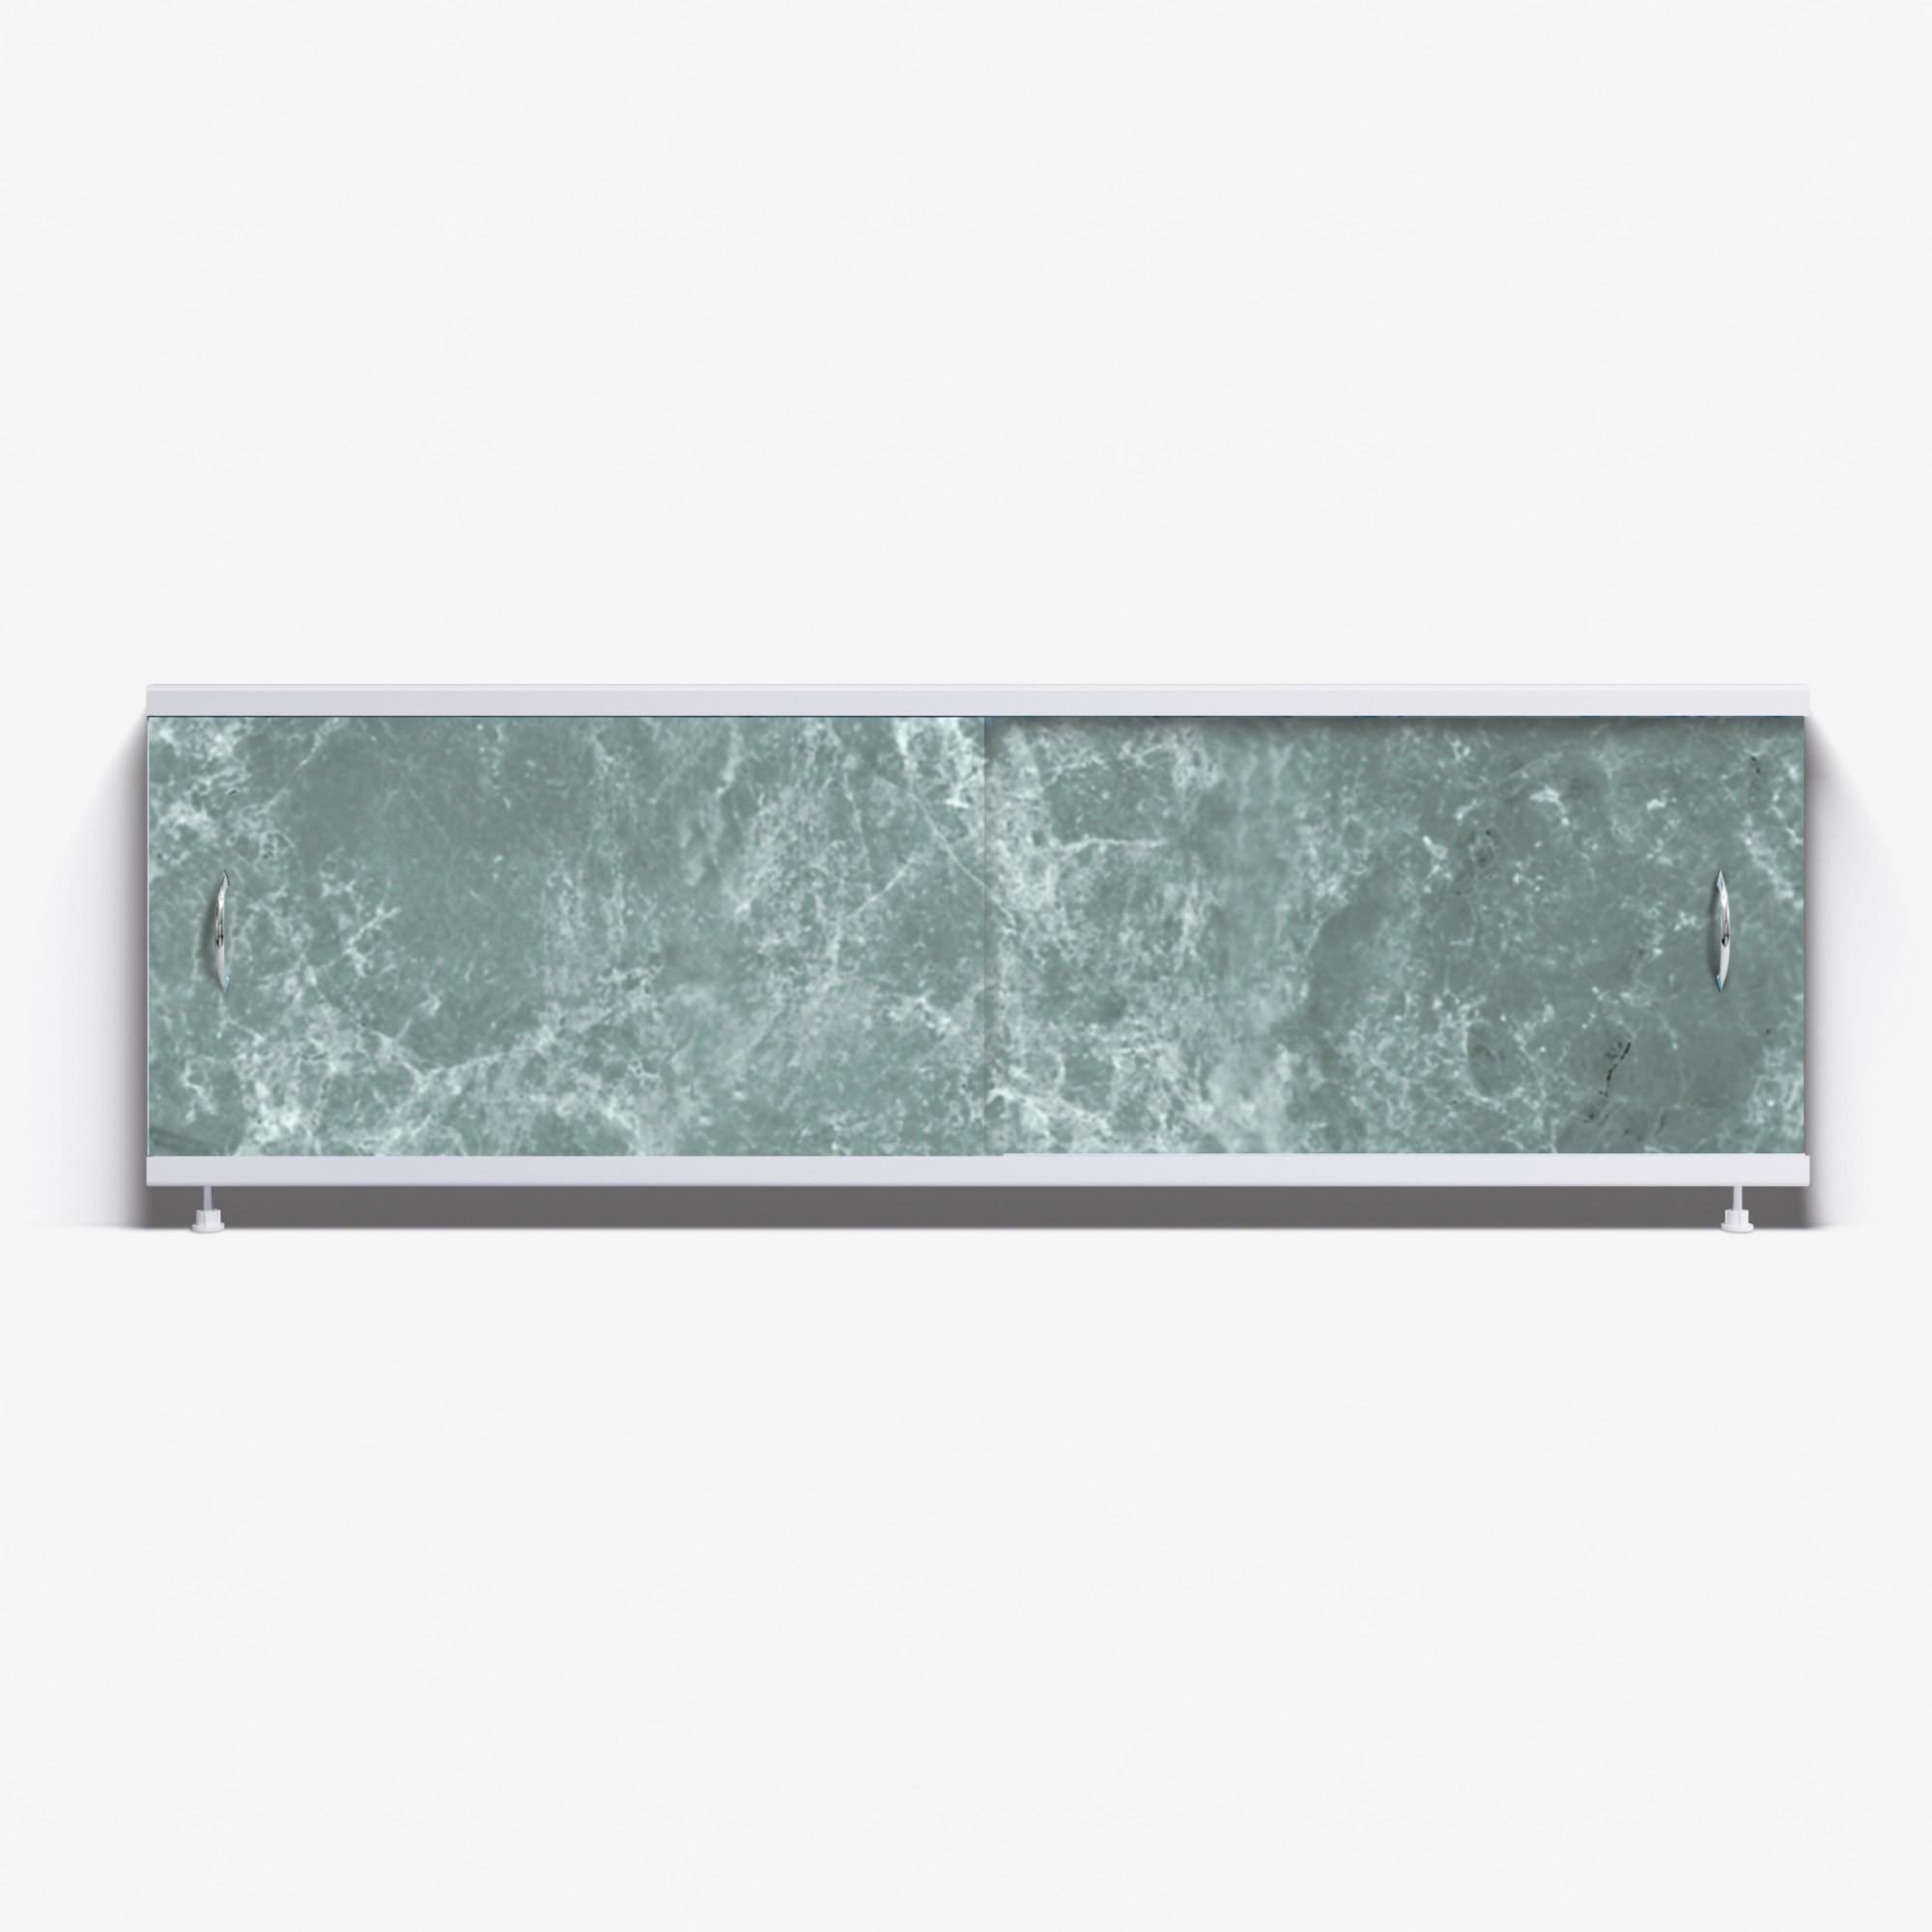 Экран под ванну Классик 150 темно-зеленый мрамор